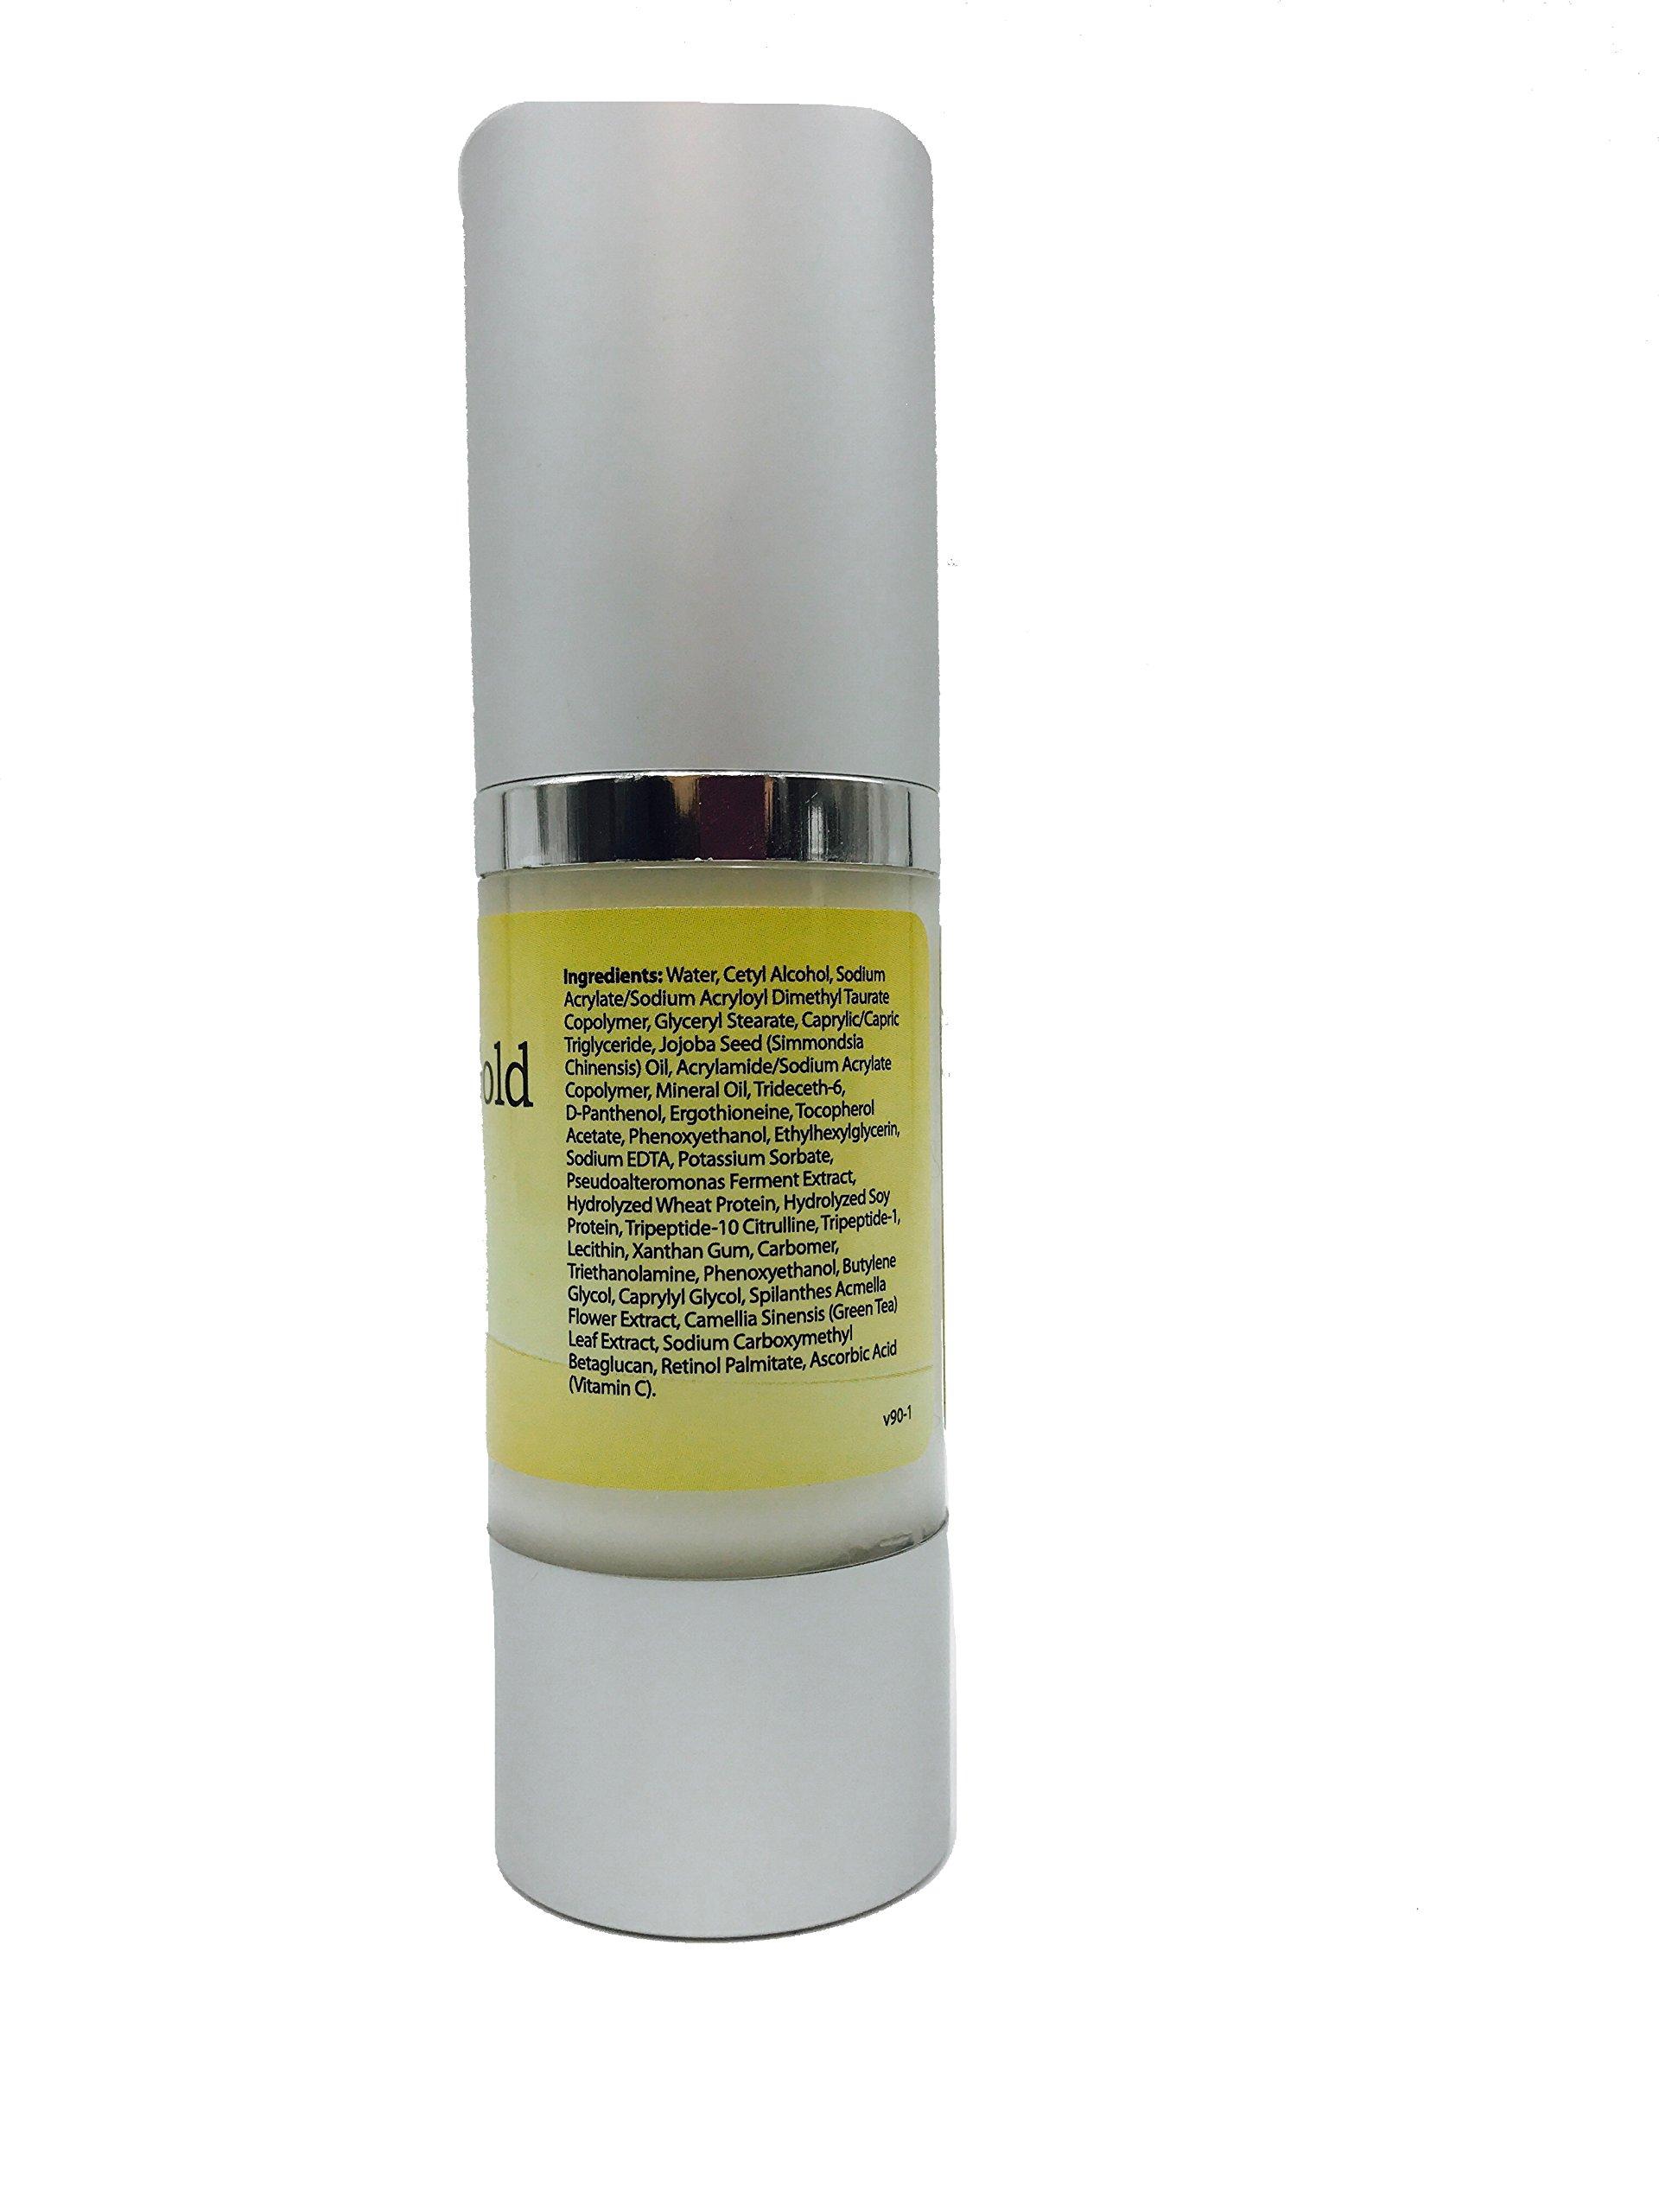 Glamor Gold Eye Serum- Best Under Eye Treatment For Fine Lines and Wrinkles